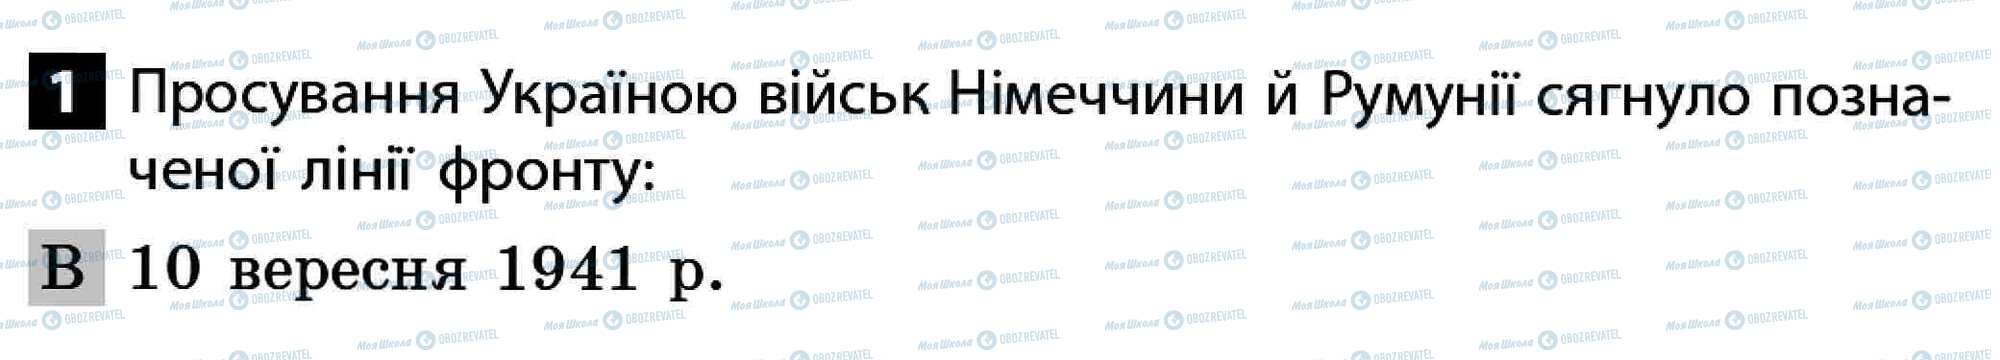 ДПА Історія України 11 клас сторінка 1